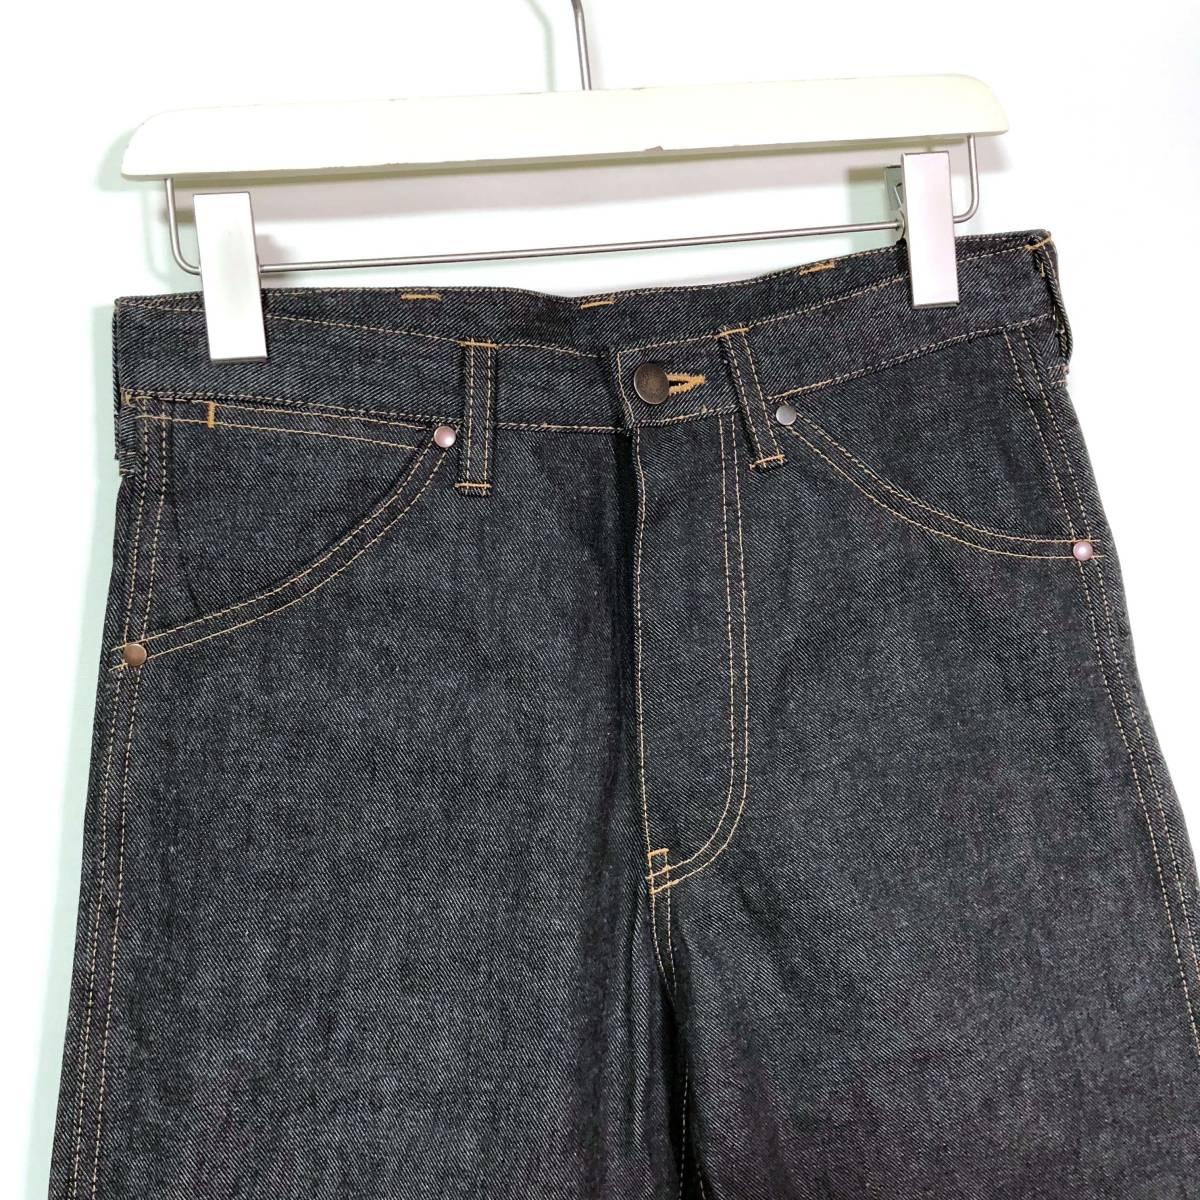 新品◆A BATHING APE ア ベイシング エイプ 2003 ブラックデニム パンツ ジーンズ Sサイズ /ラングラー風デザイン/日本製_画像2